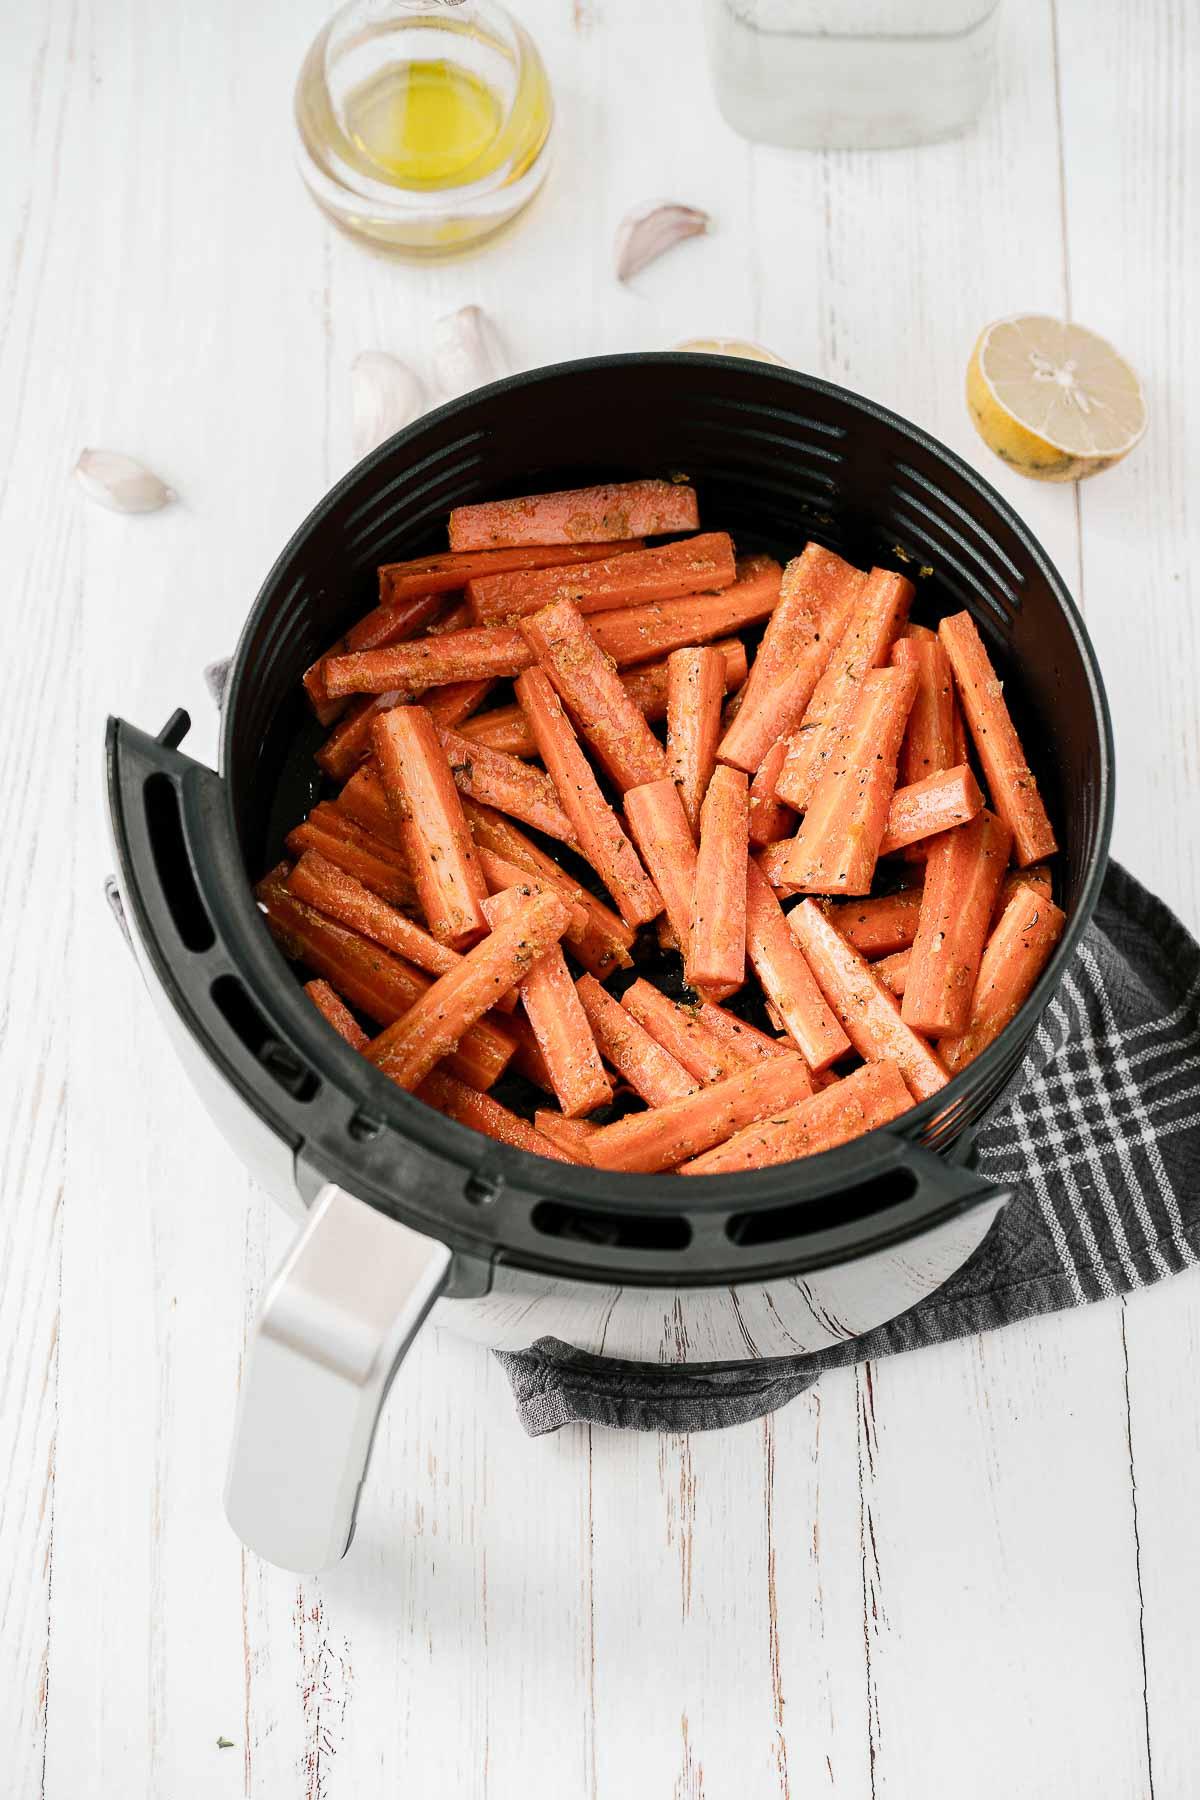 Carrots in an air fryer.